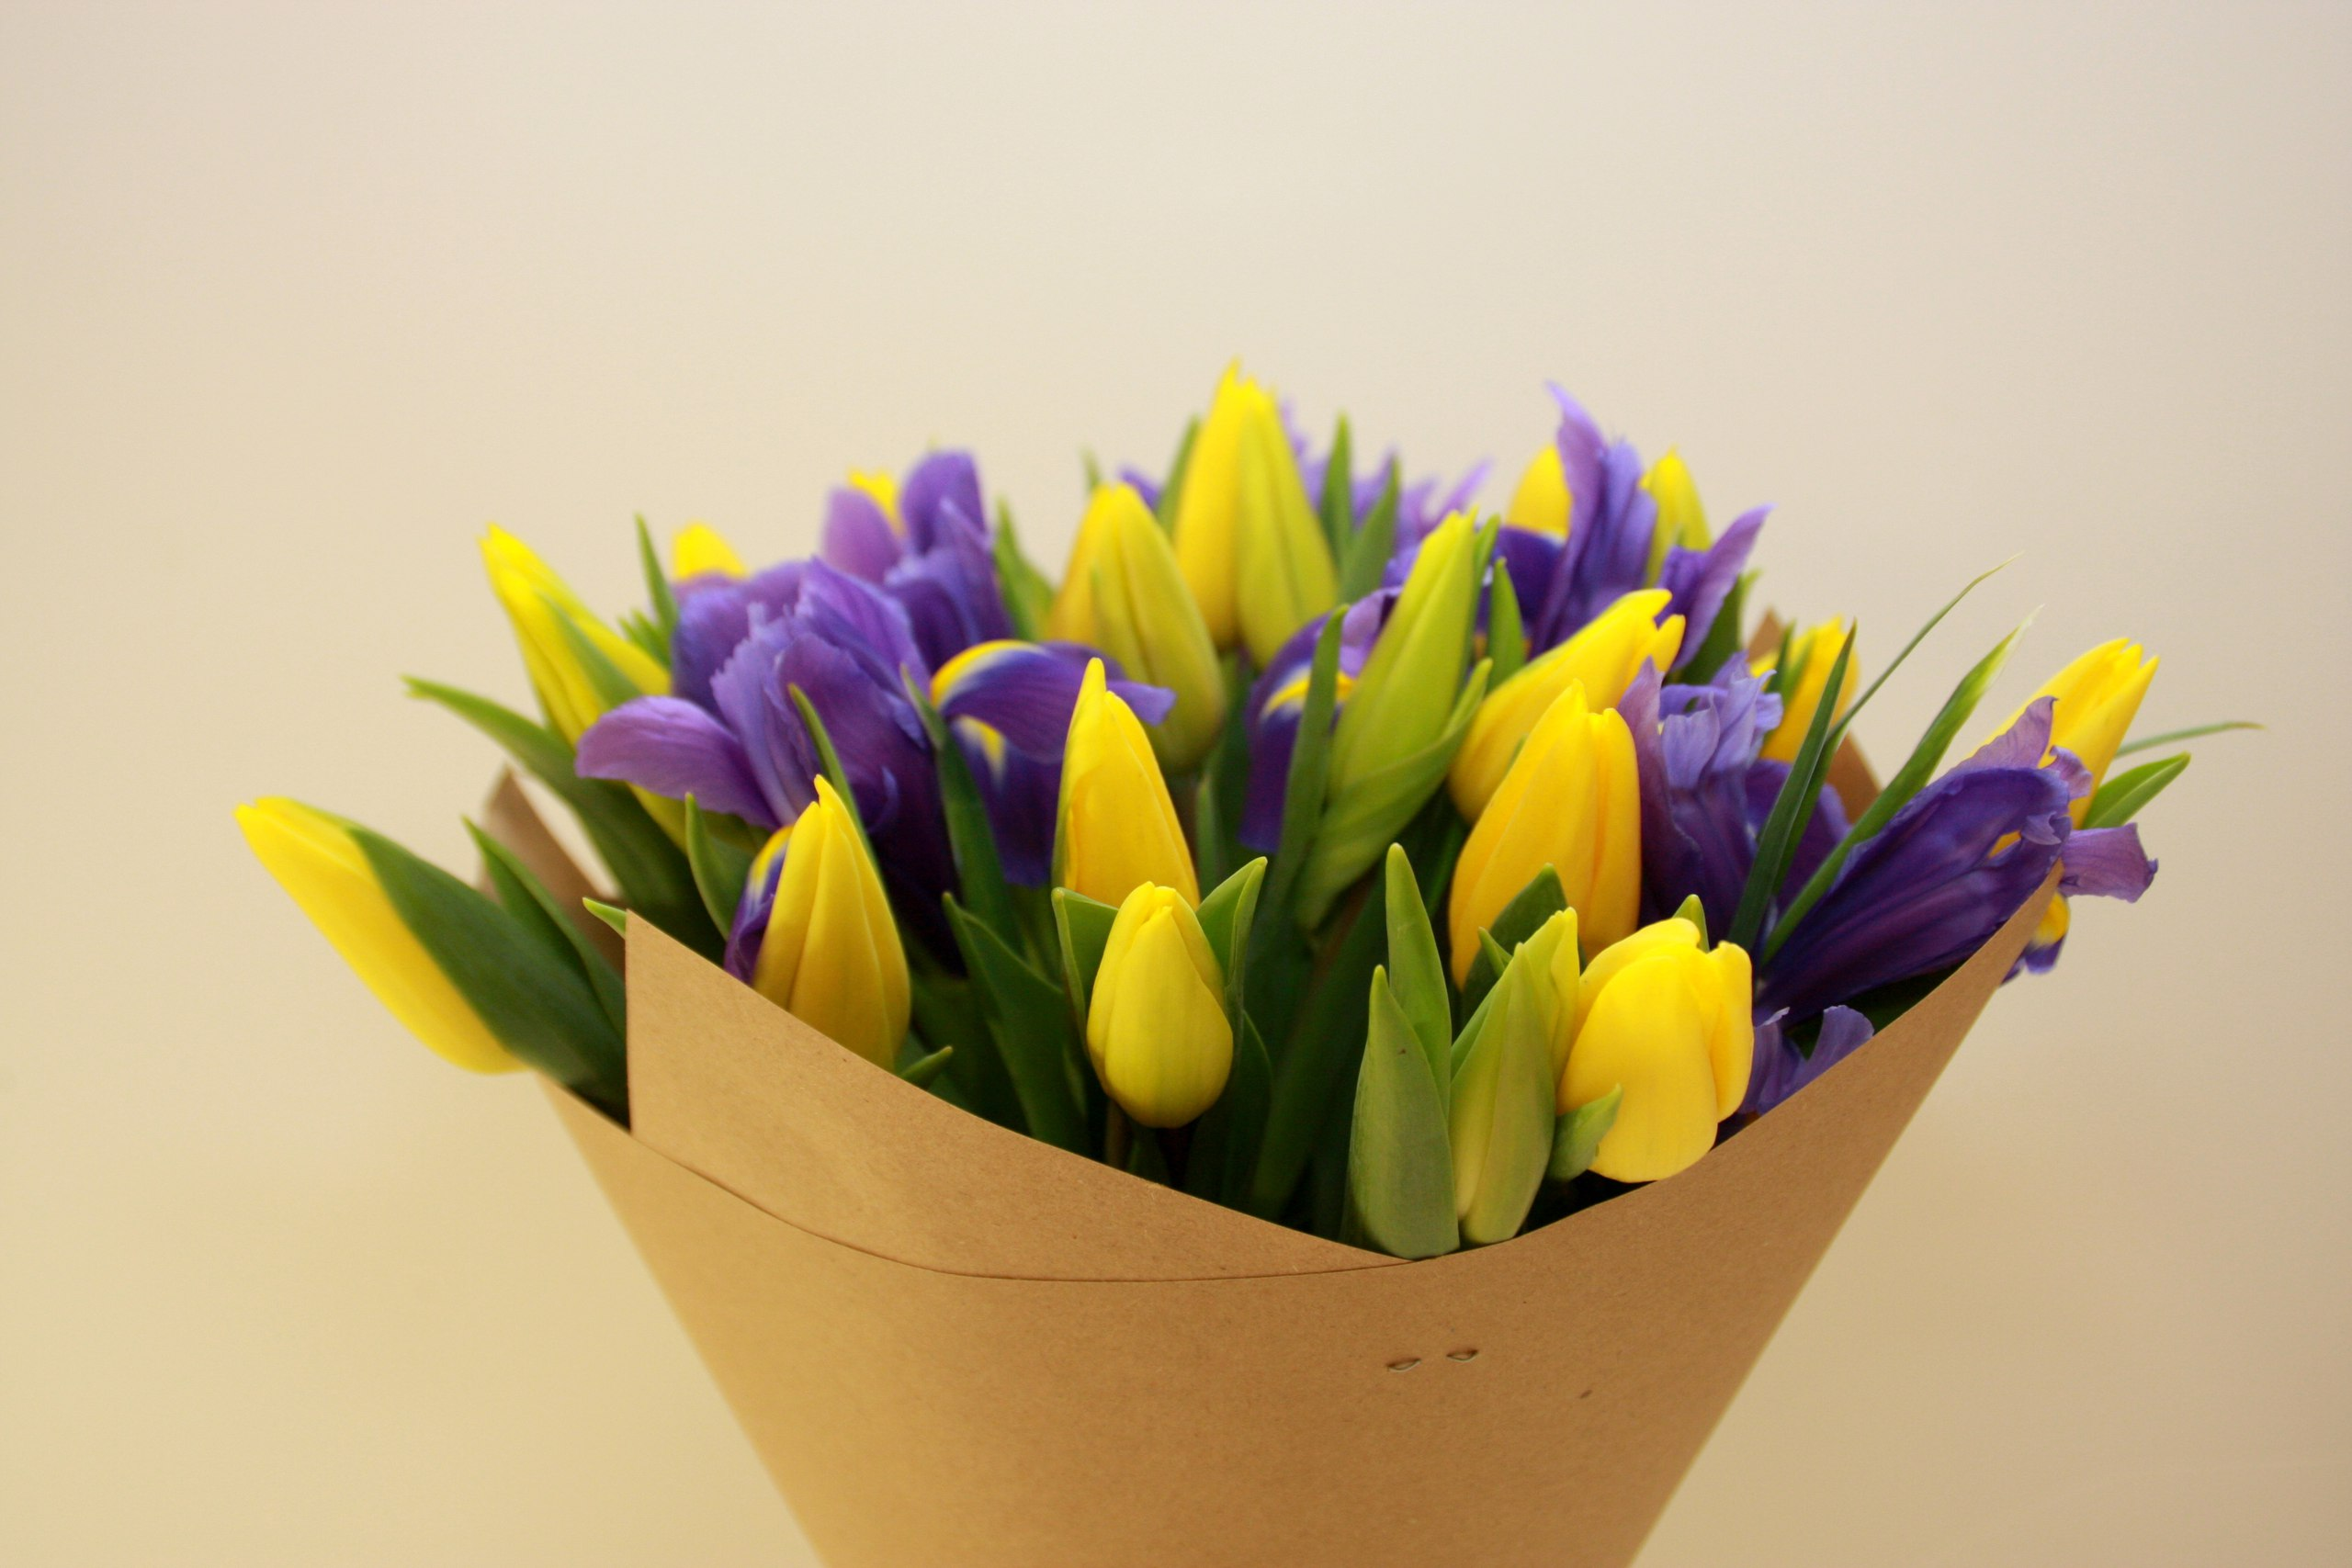 камин букет тюльпаны ирисы картинки можете приобрести